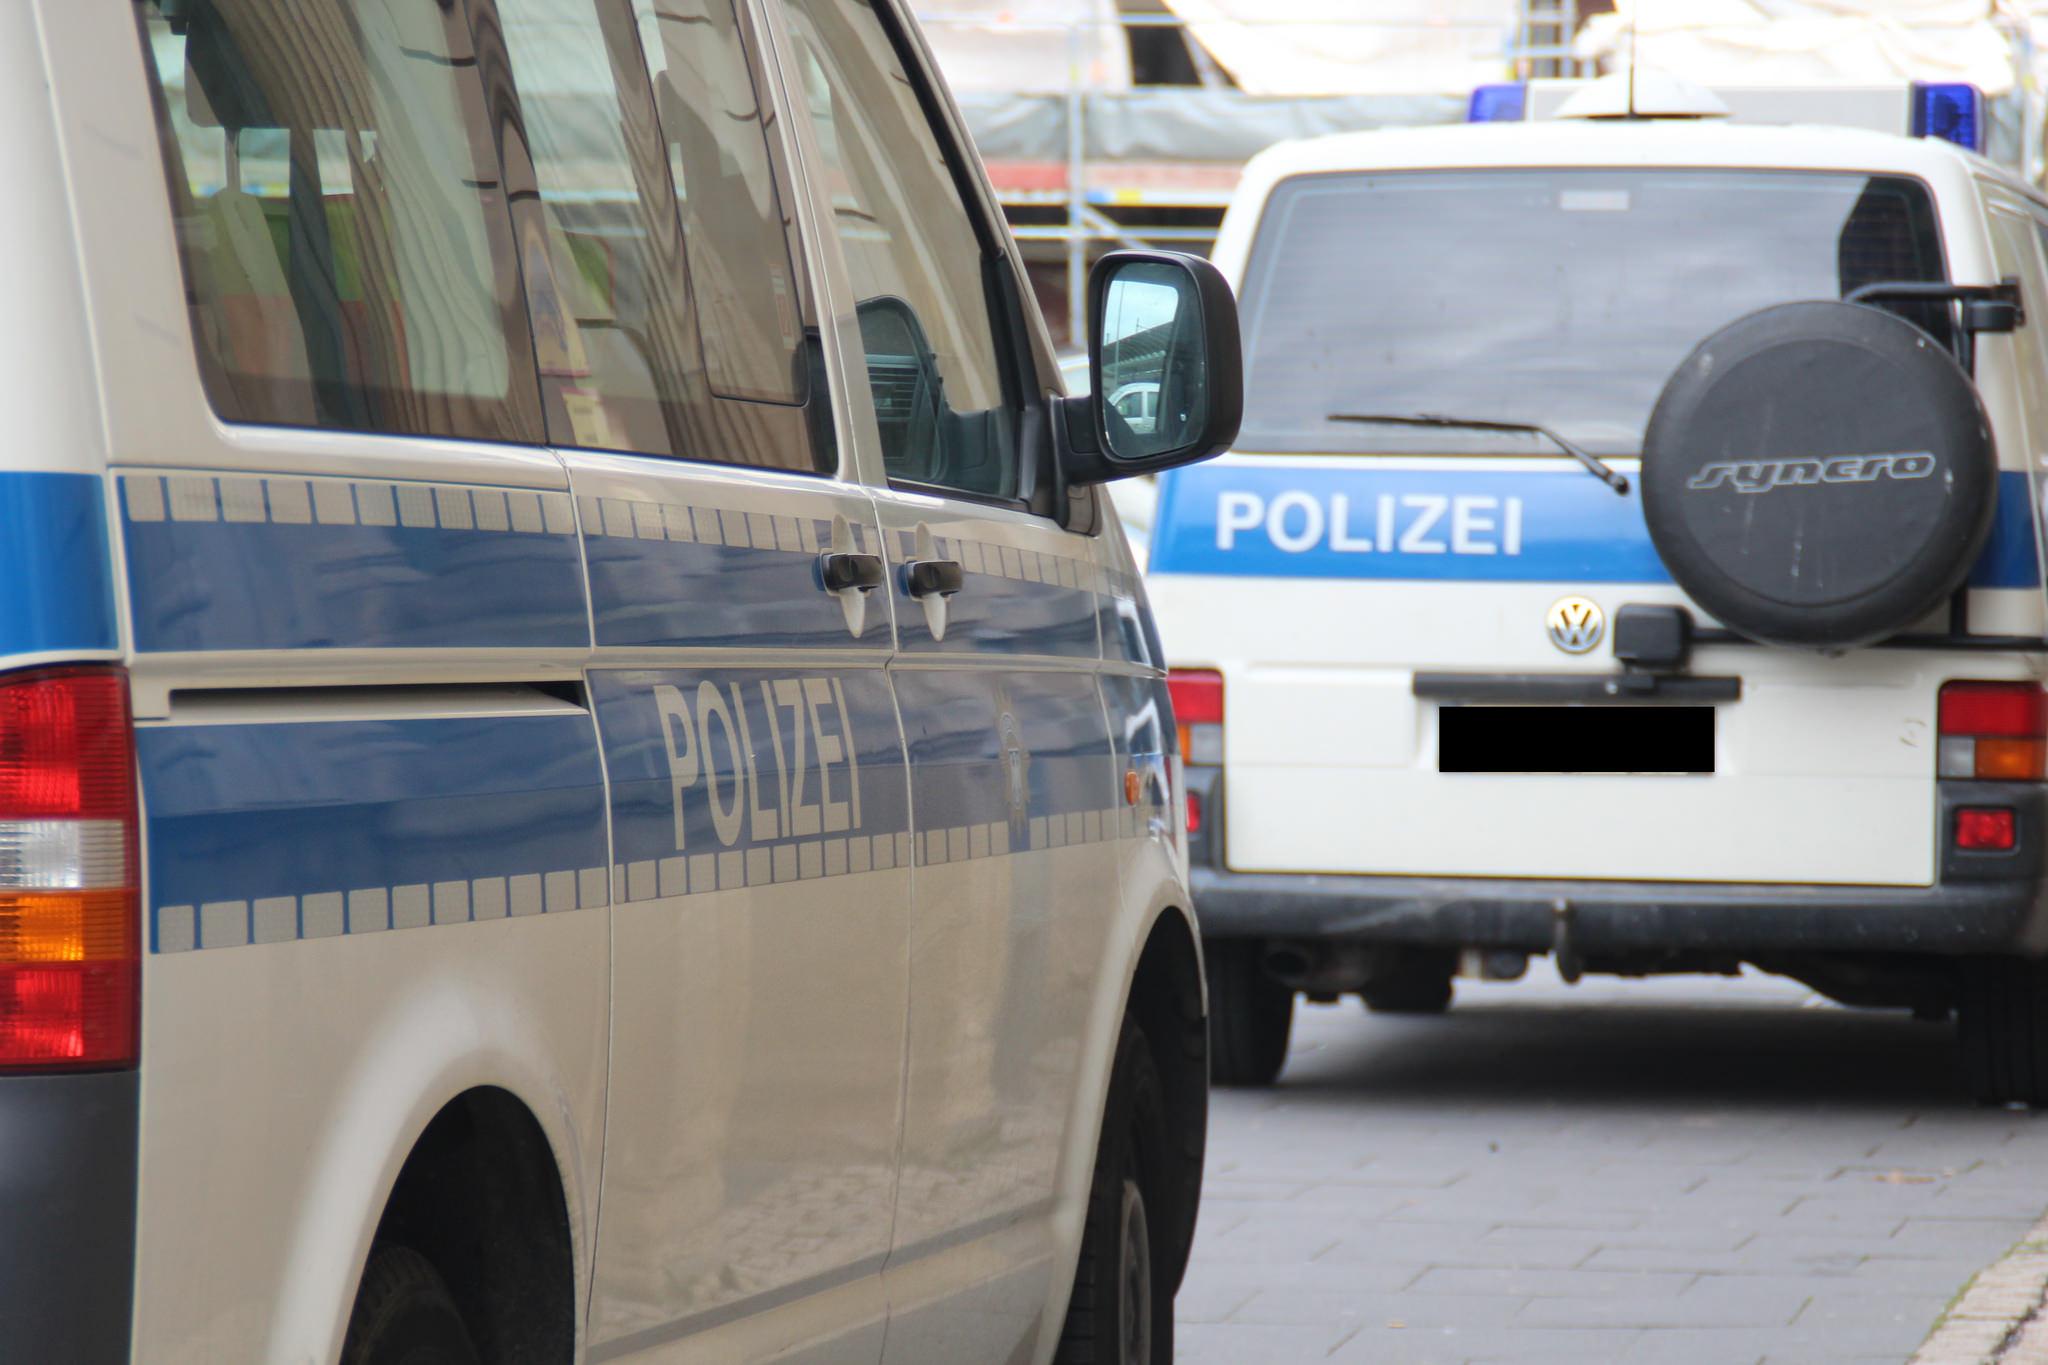 Unbekannte werfen Molotowcocktails auf Polizeistation